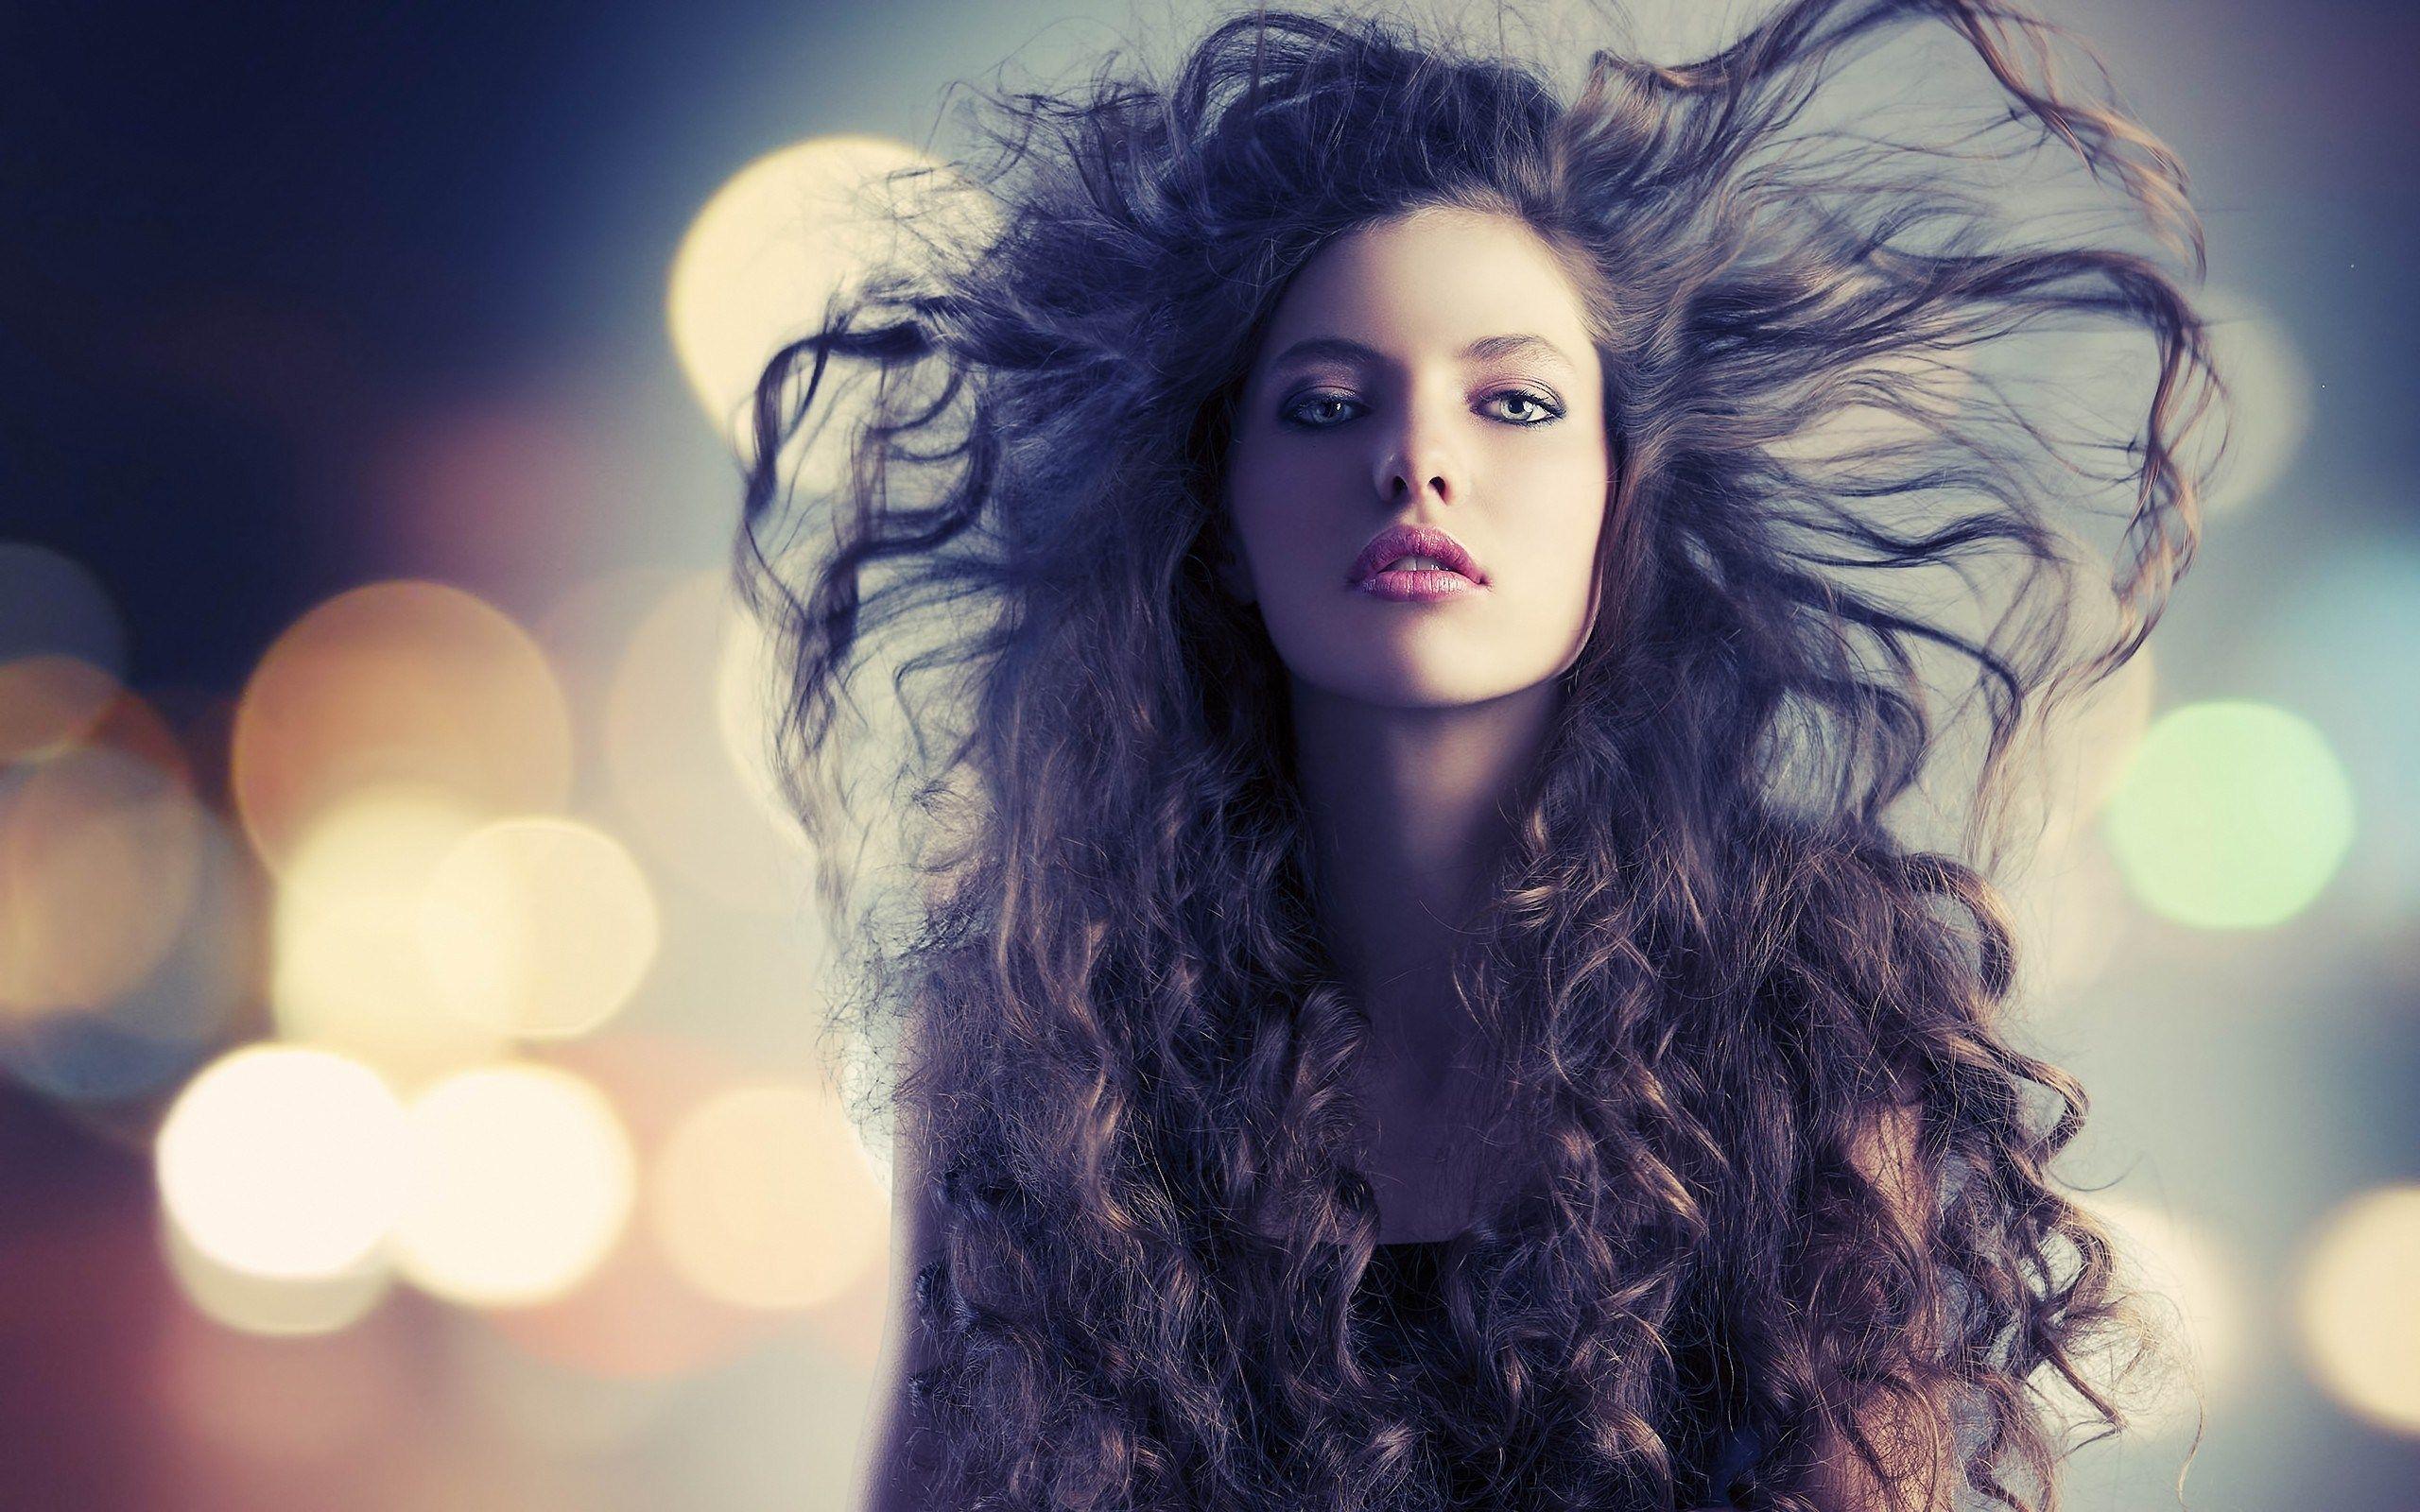 Beautiful Girl Fashion Models Bokeh Lights Photo Hd